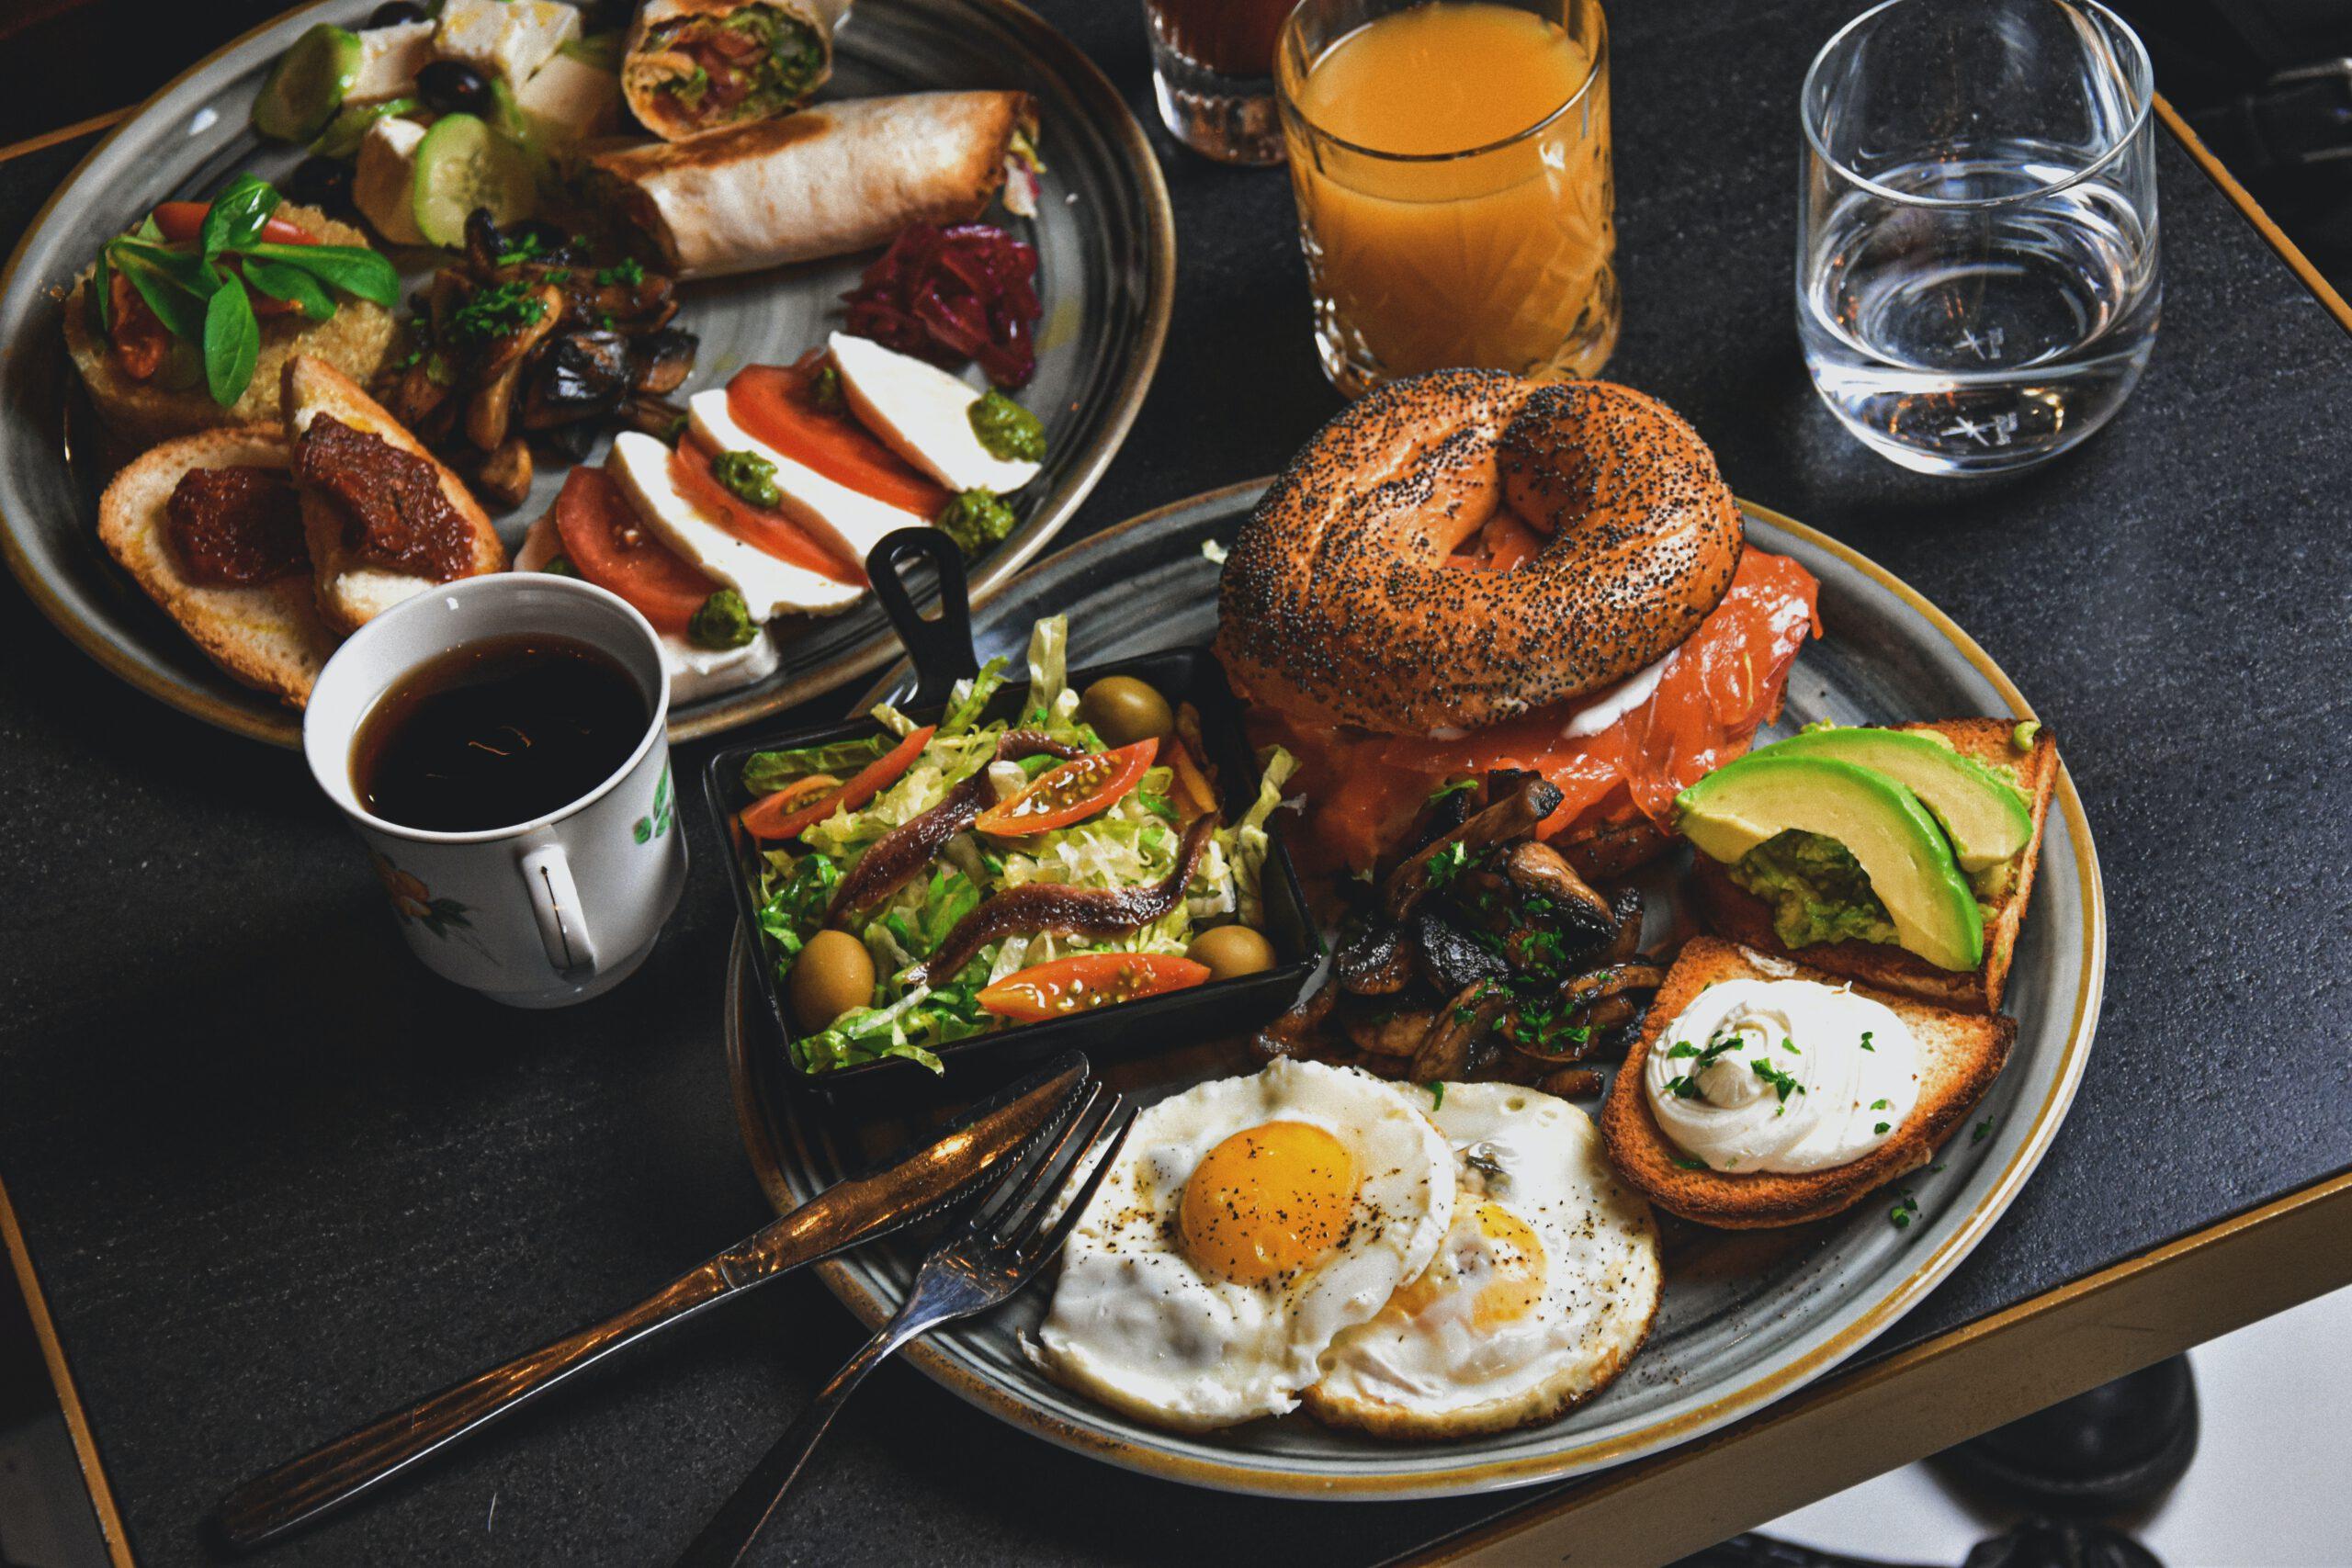 Kaffee, Brötchen, Orangensaft und Eier